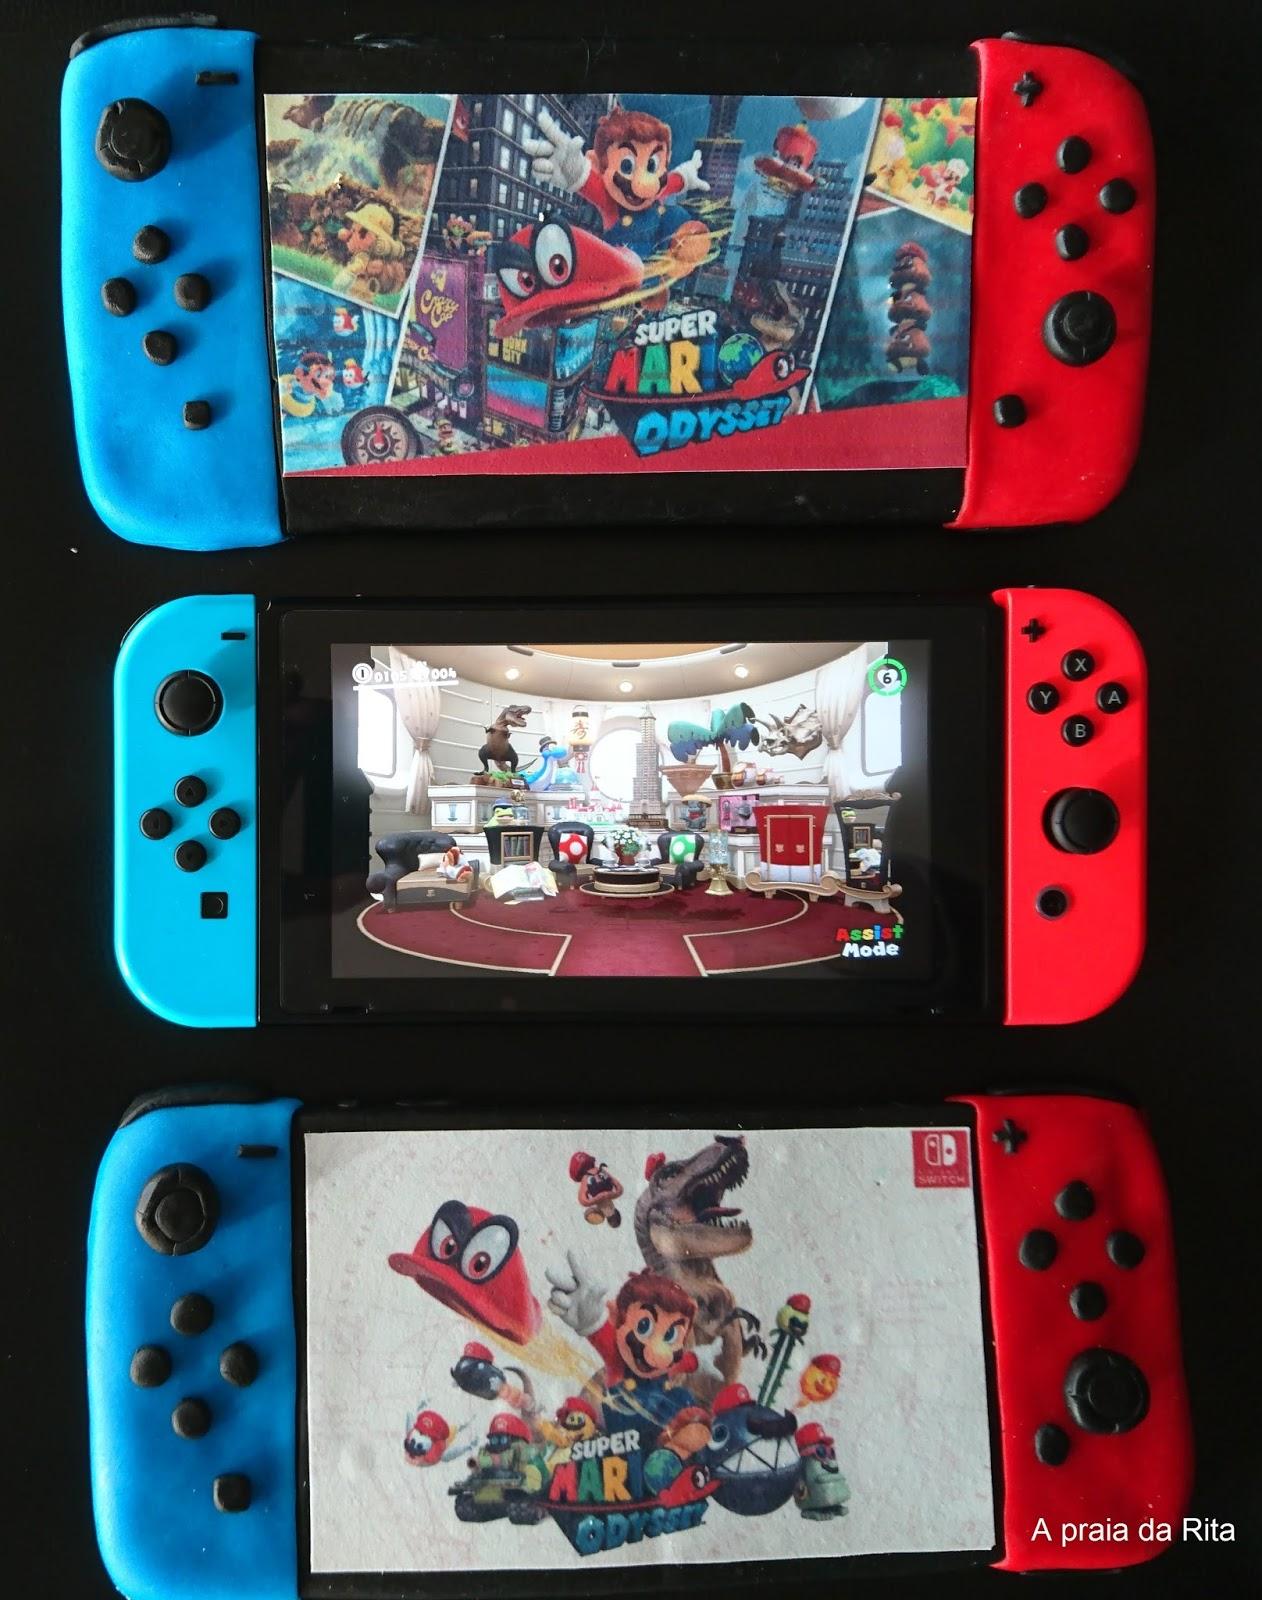 A Praia Da Rita Bolo Nintendo Switch Super Mario Odyssey Switchsuper